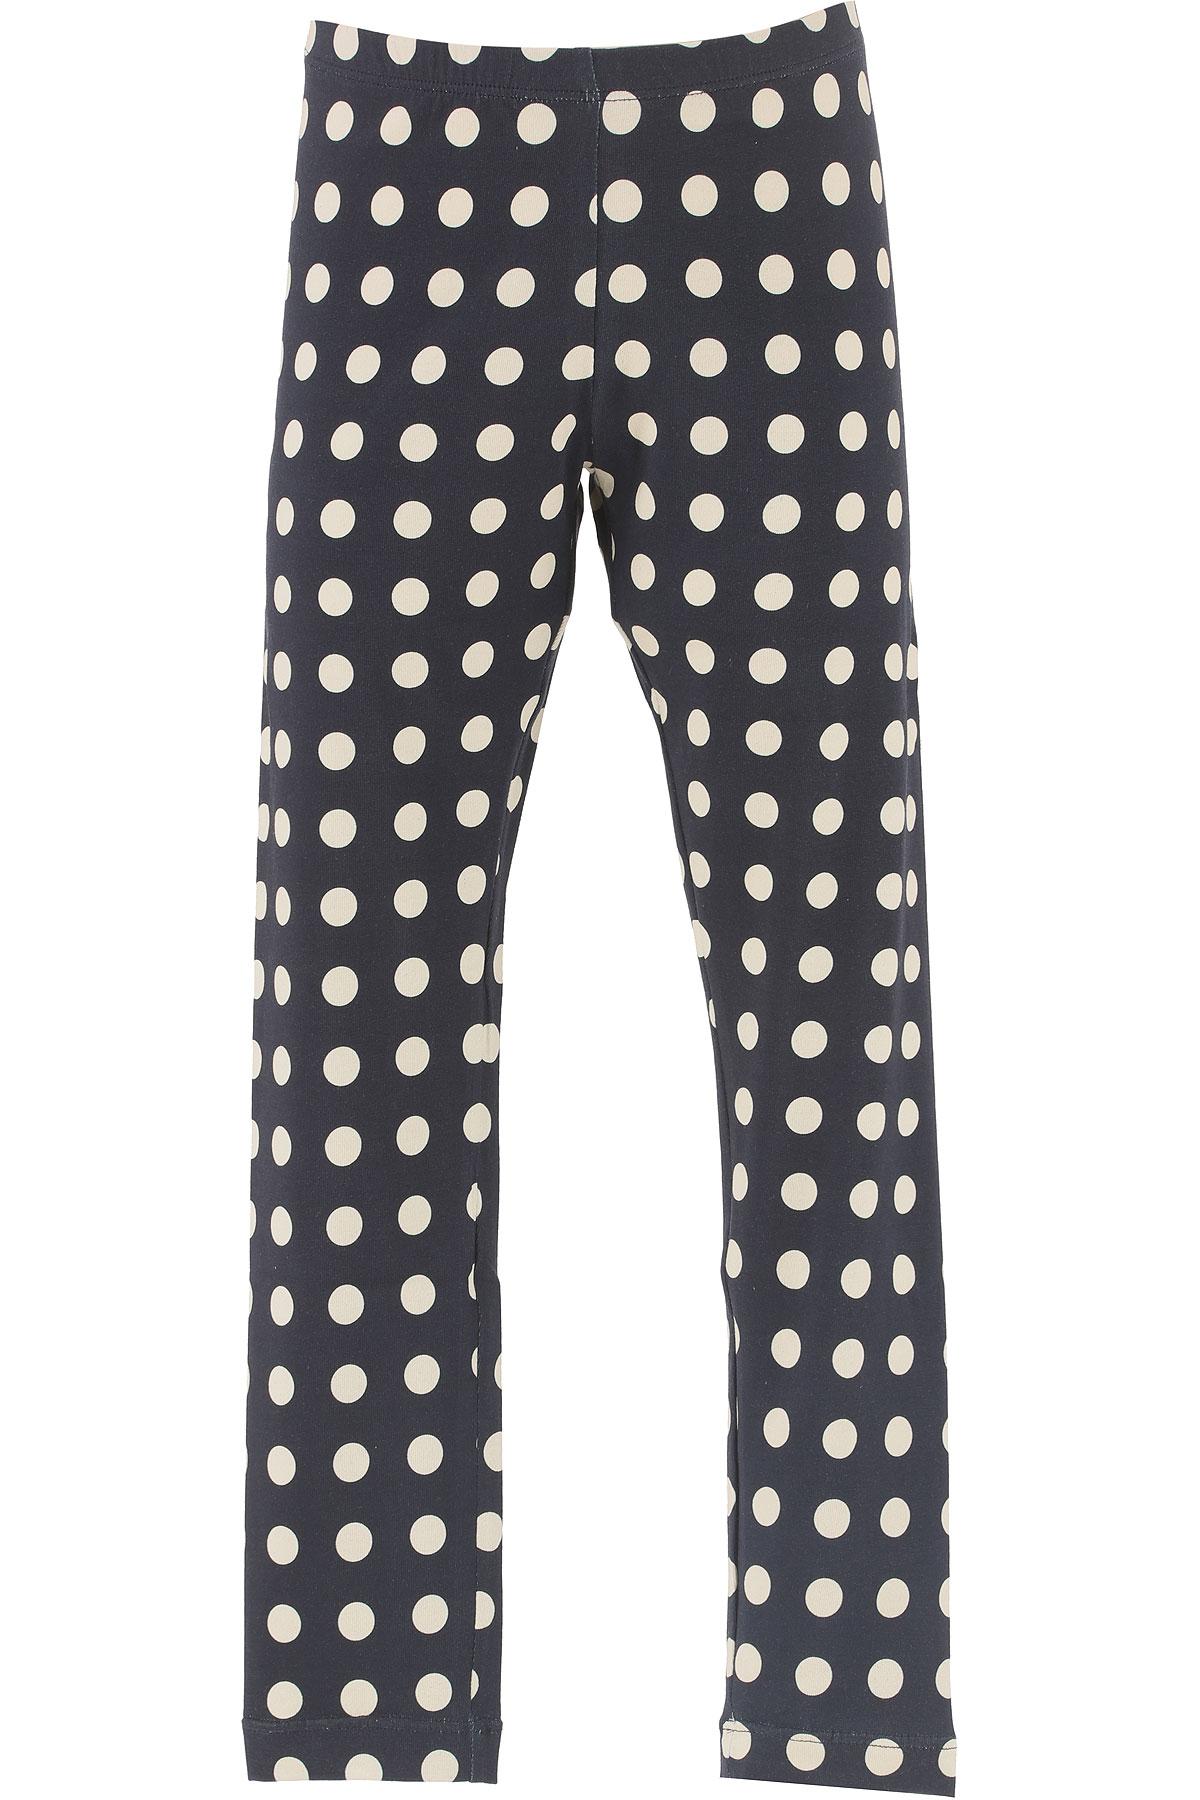 Monnalisa Pantalons Enfant pour Fille, Bleu, Coton, 2017, 12Y 2Y